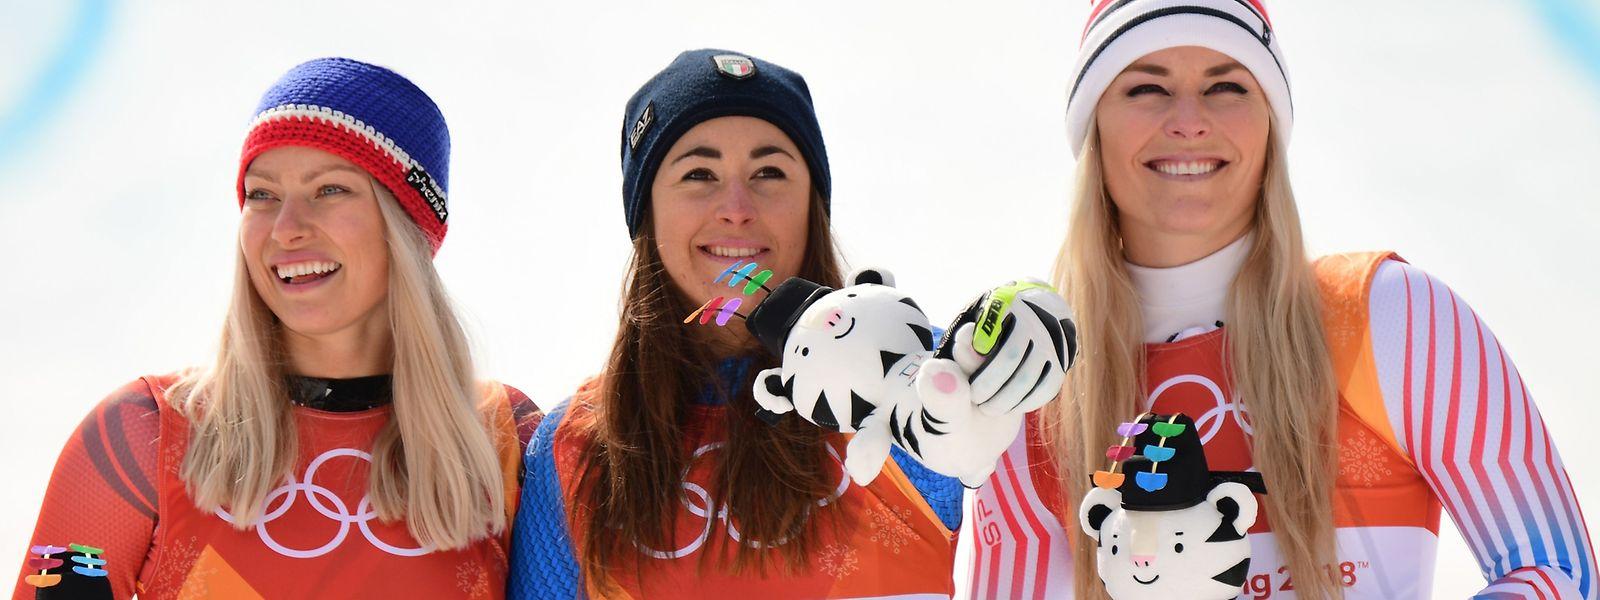 Lindsey Vonn (r.) konnte dennoch lächeln. Sie musste sich mit Rang drei hinter Sofia Goggia (M.) und Ragnhild Mowinckel zufrieden geben.